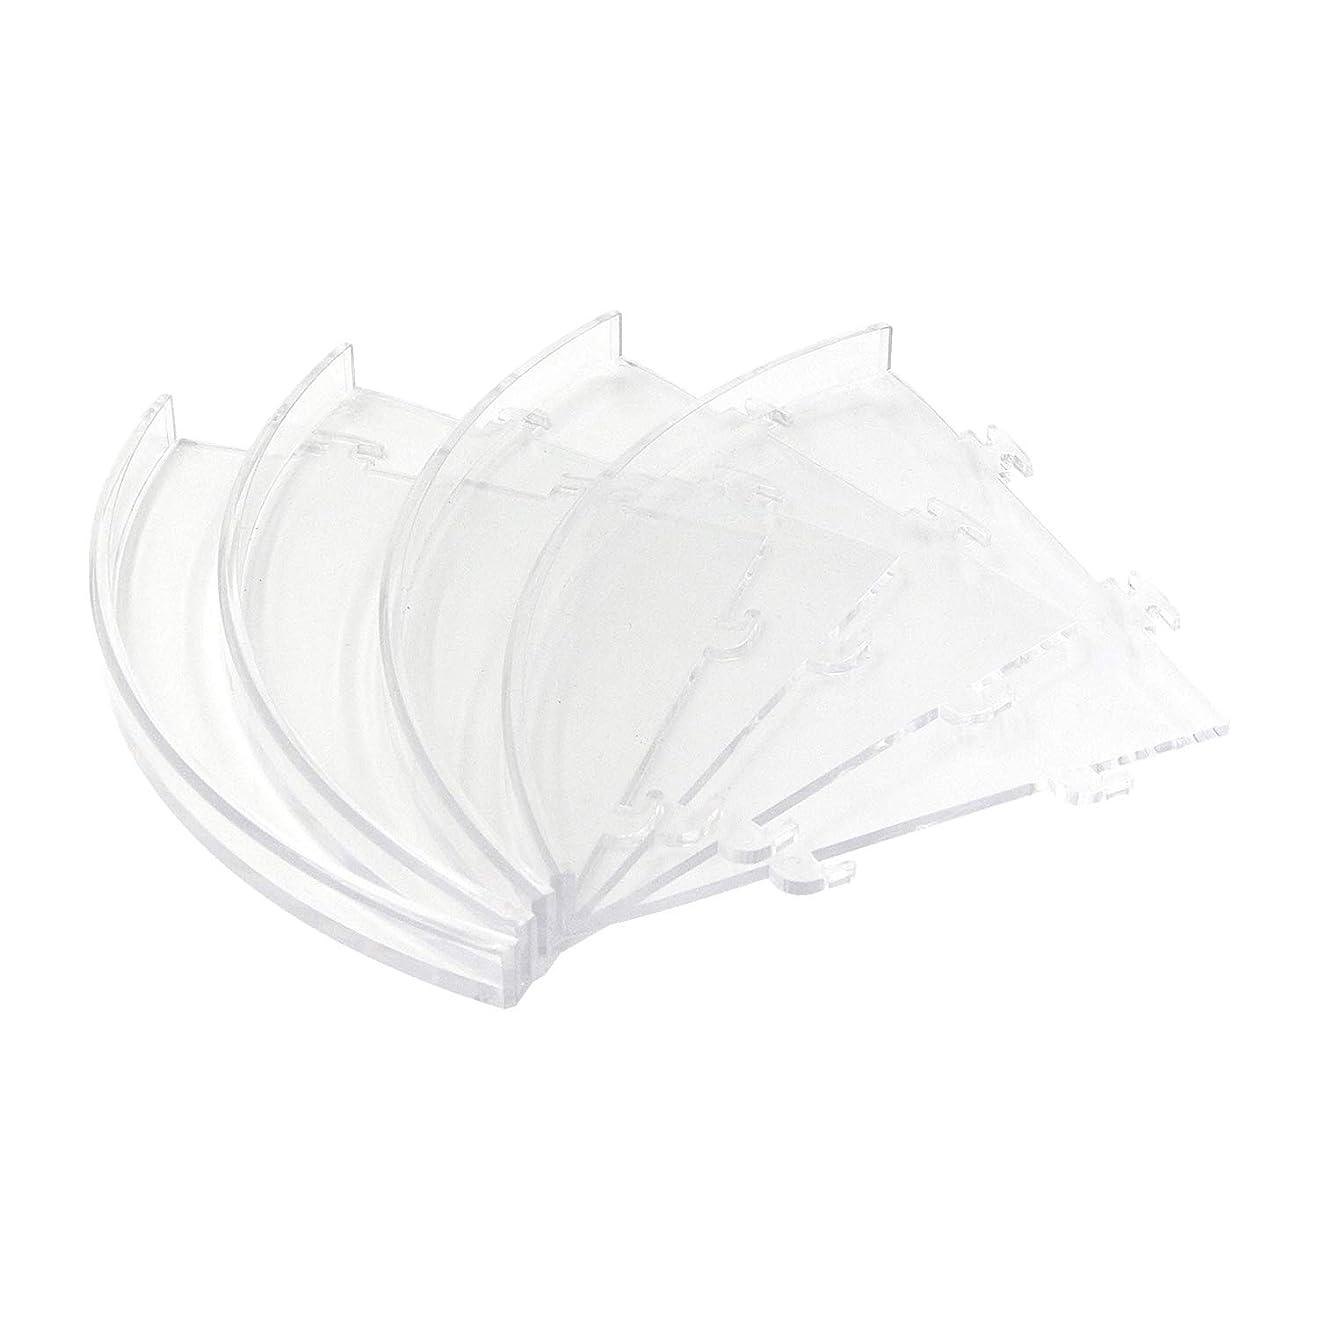 刃切り刻むダウンタウン和馳 360度回転可能化粧品収納ボックス専用トレイ 高度調整可能 ?素材